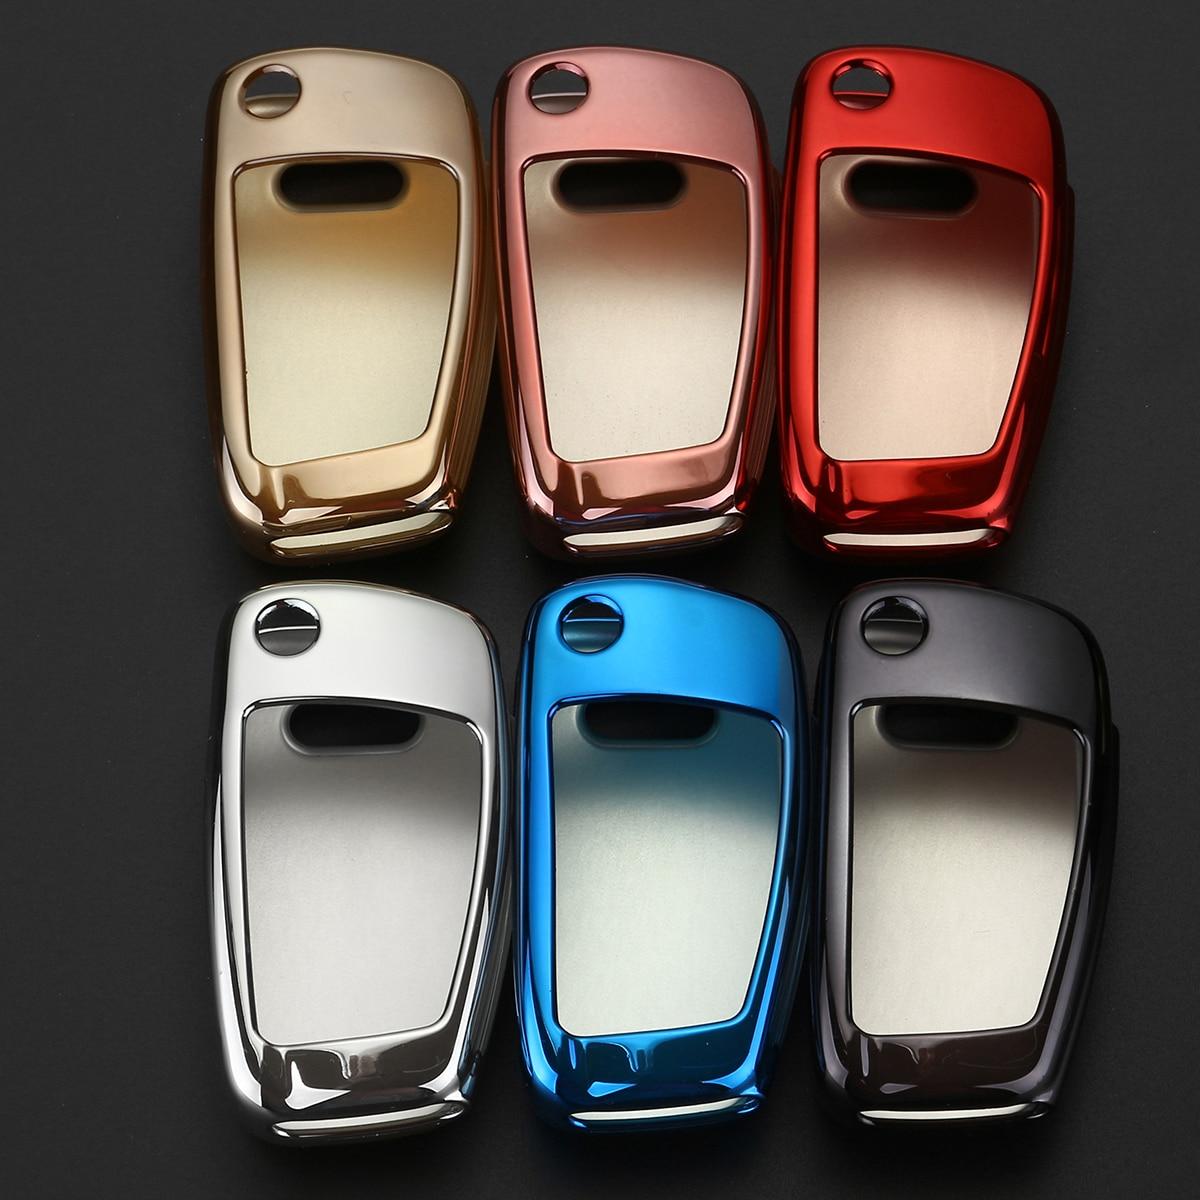 Coque de Protection pour clé de voiture TPU souple pour Audi C6 A7 A8 R8 A1 A3 A4 A5 Q7 A6 C5 coque de Protection de voiture style voiture